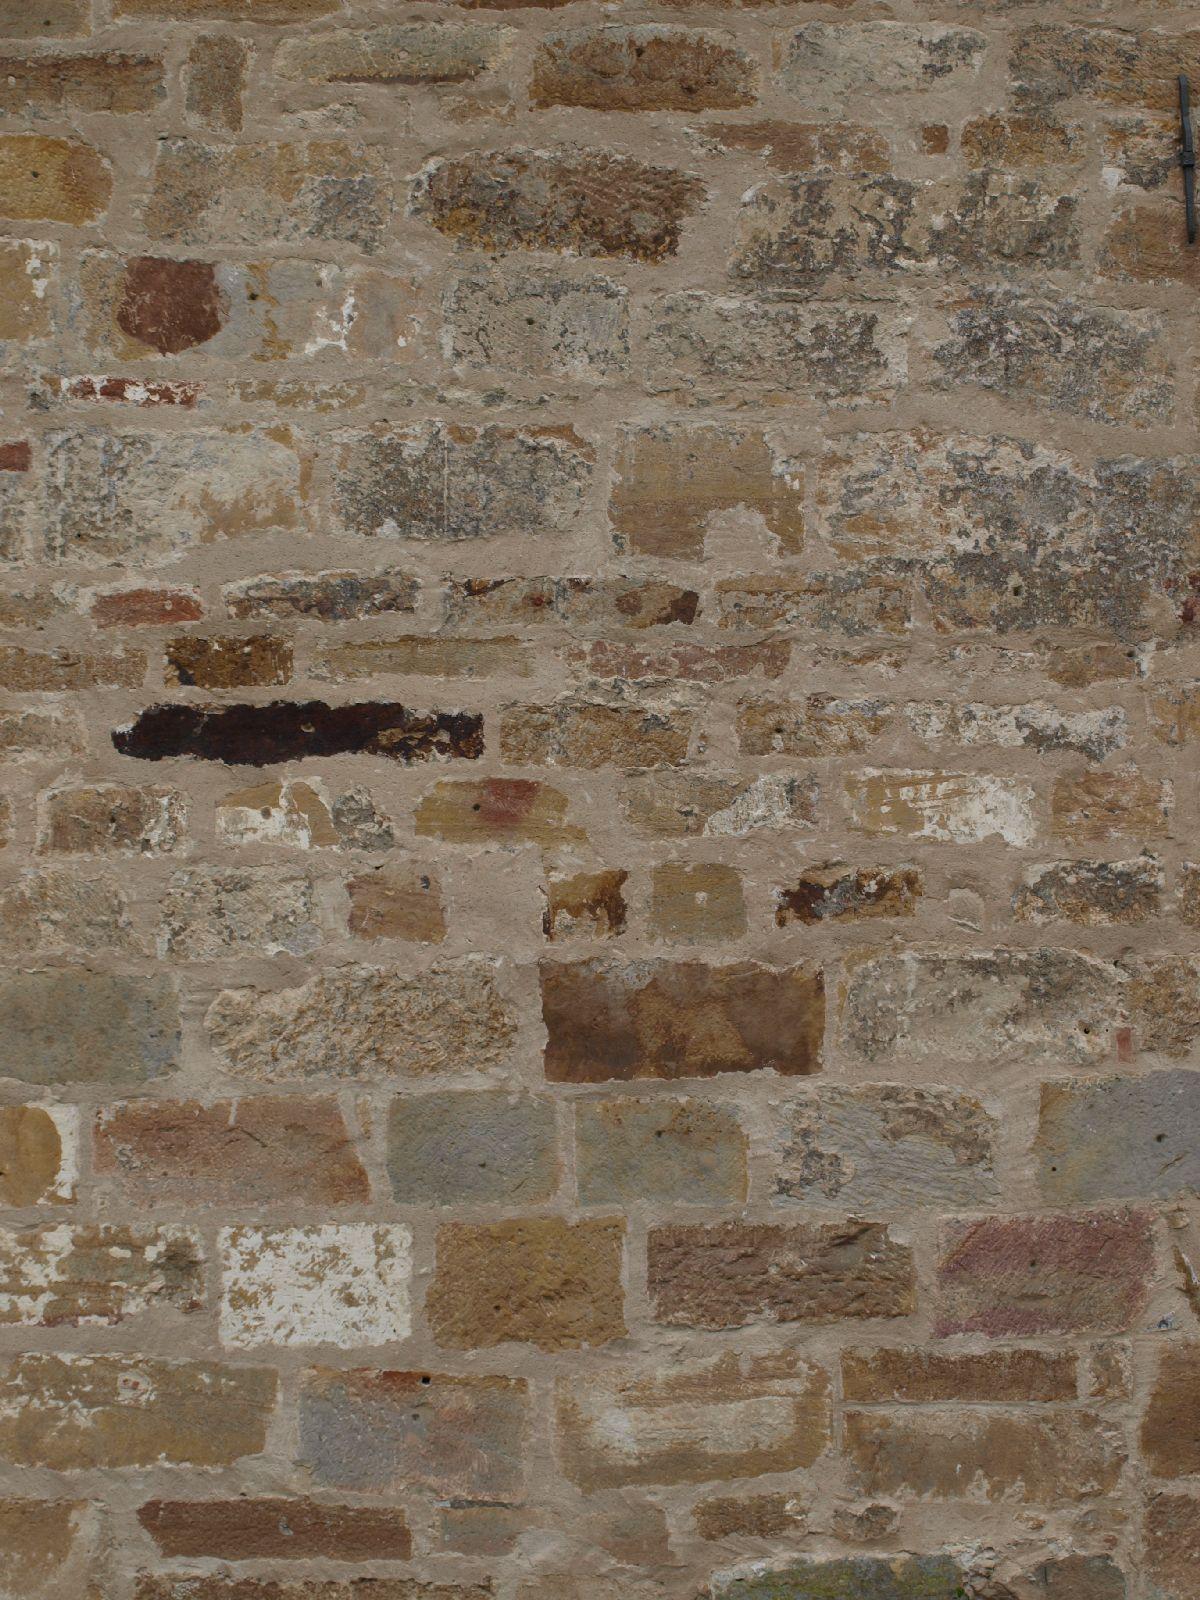 Brick_Texture_A_P3011024